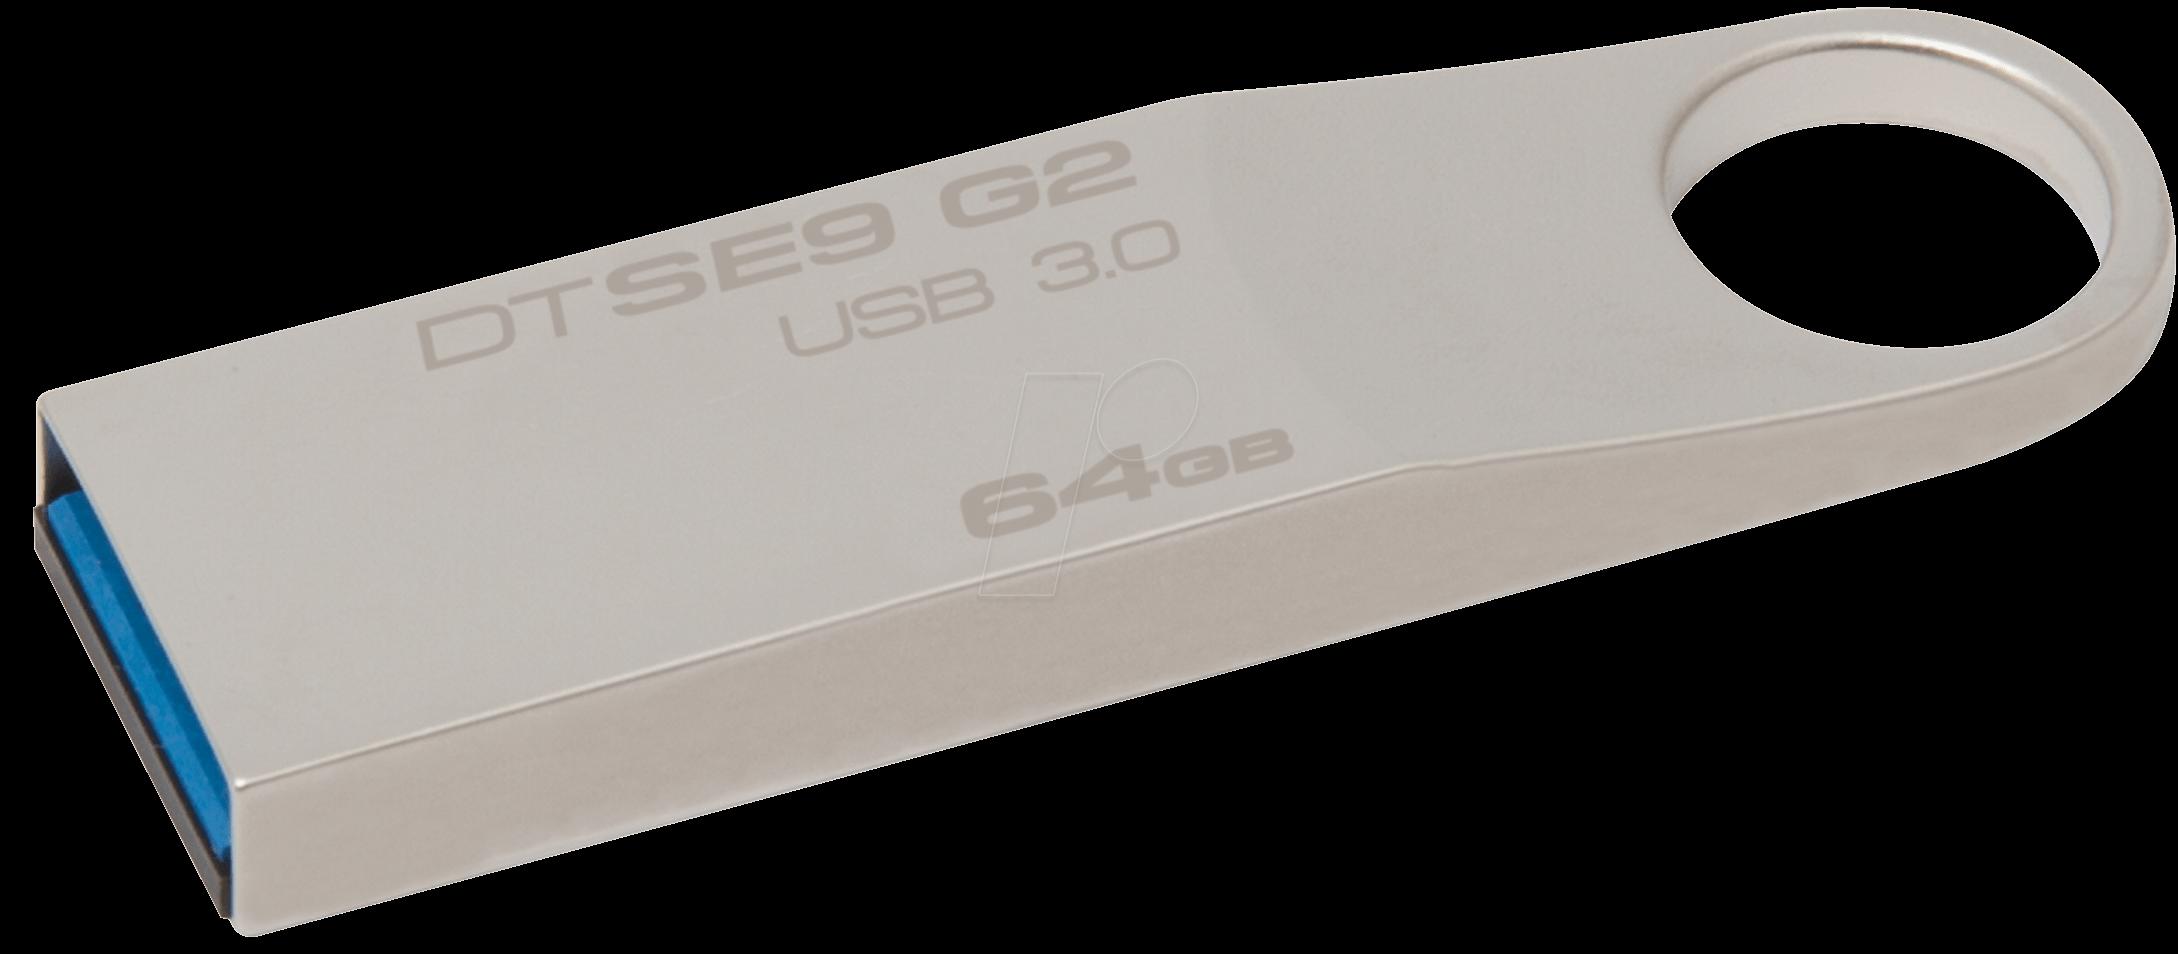 Dtse9g2 64gb datatraveler se9 g2 usb 3 0 stick 64 gb for The kingston